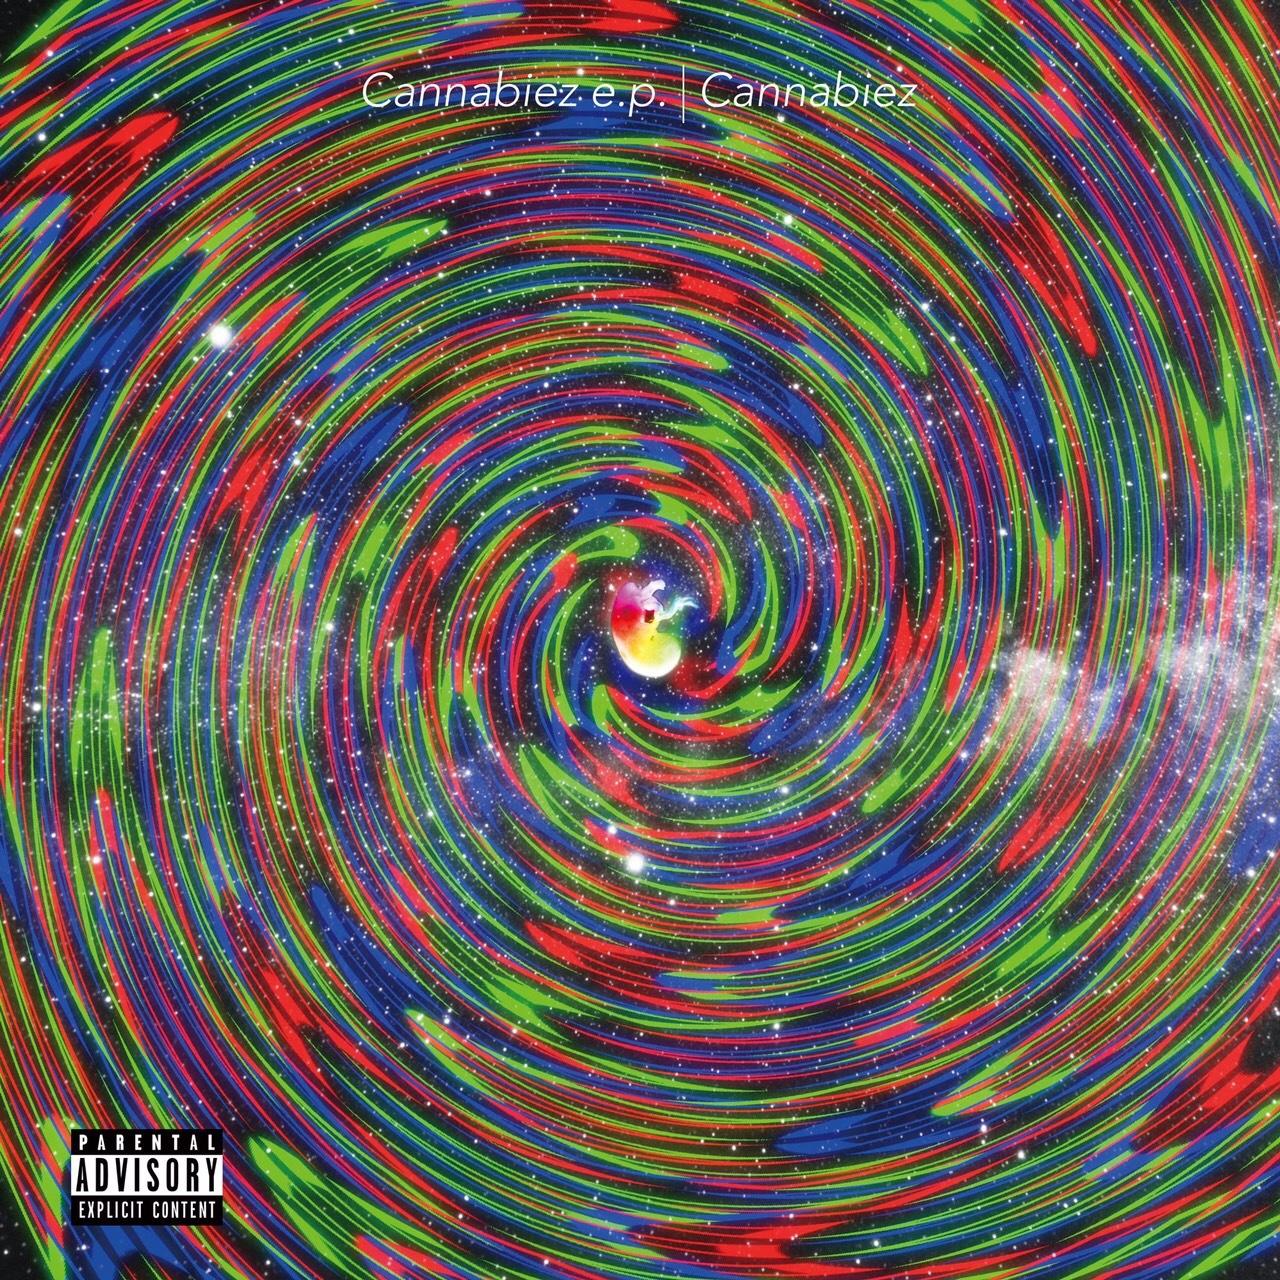 [CD] Cannabiez / CannabiezE.P.